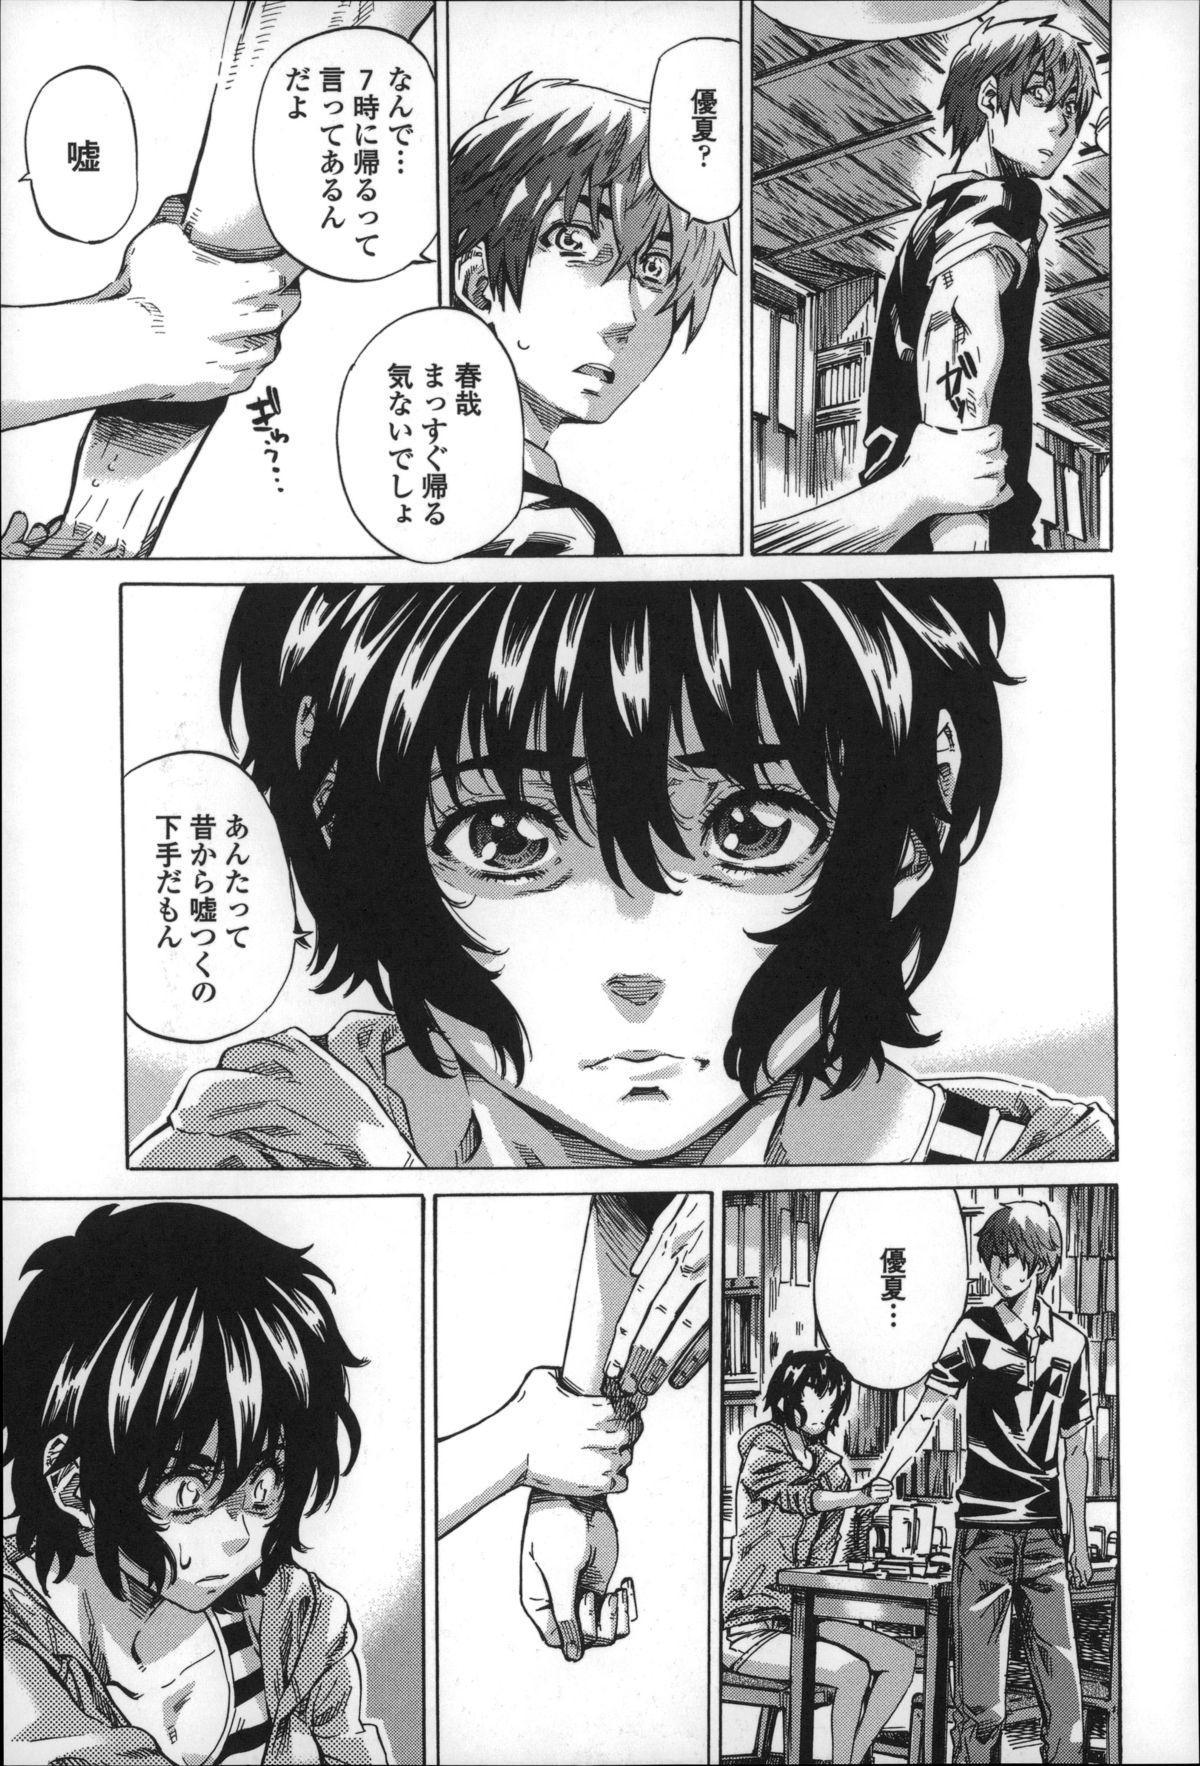 Choushin de Mukuchi no Kanojo ga Hatsujou Shite Kitara Eroiyo ne? 178